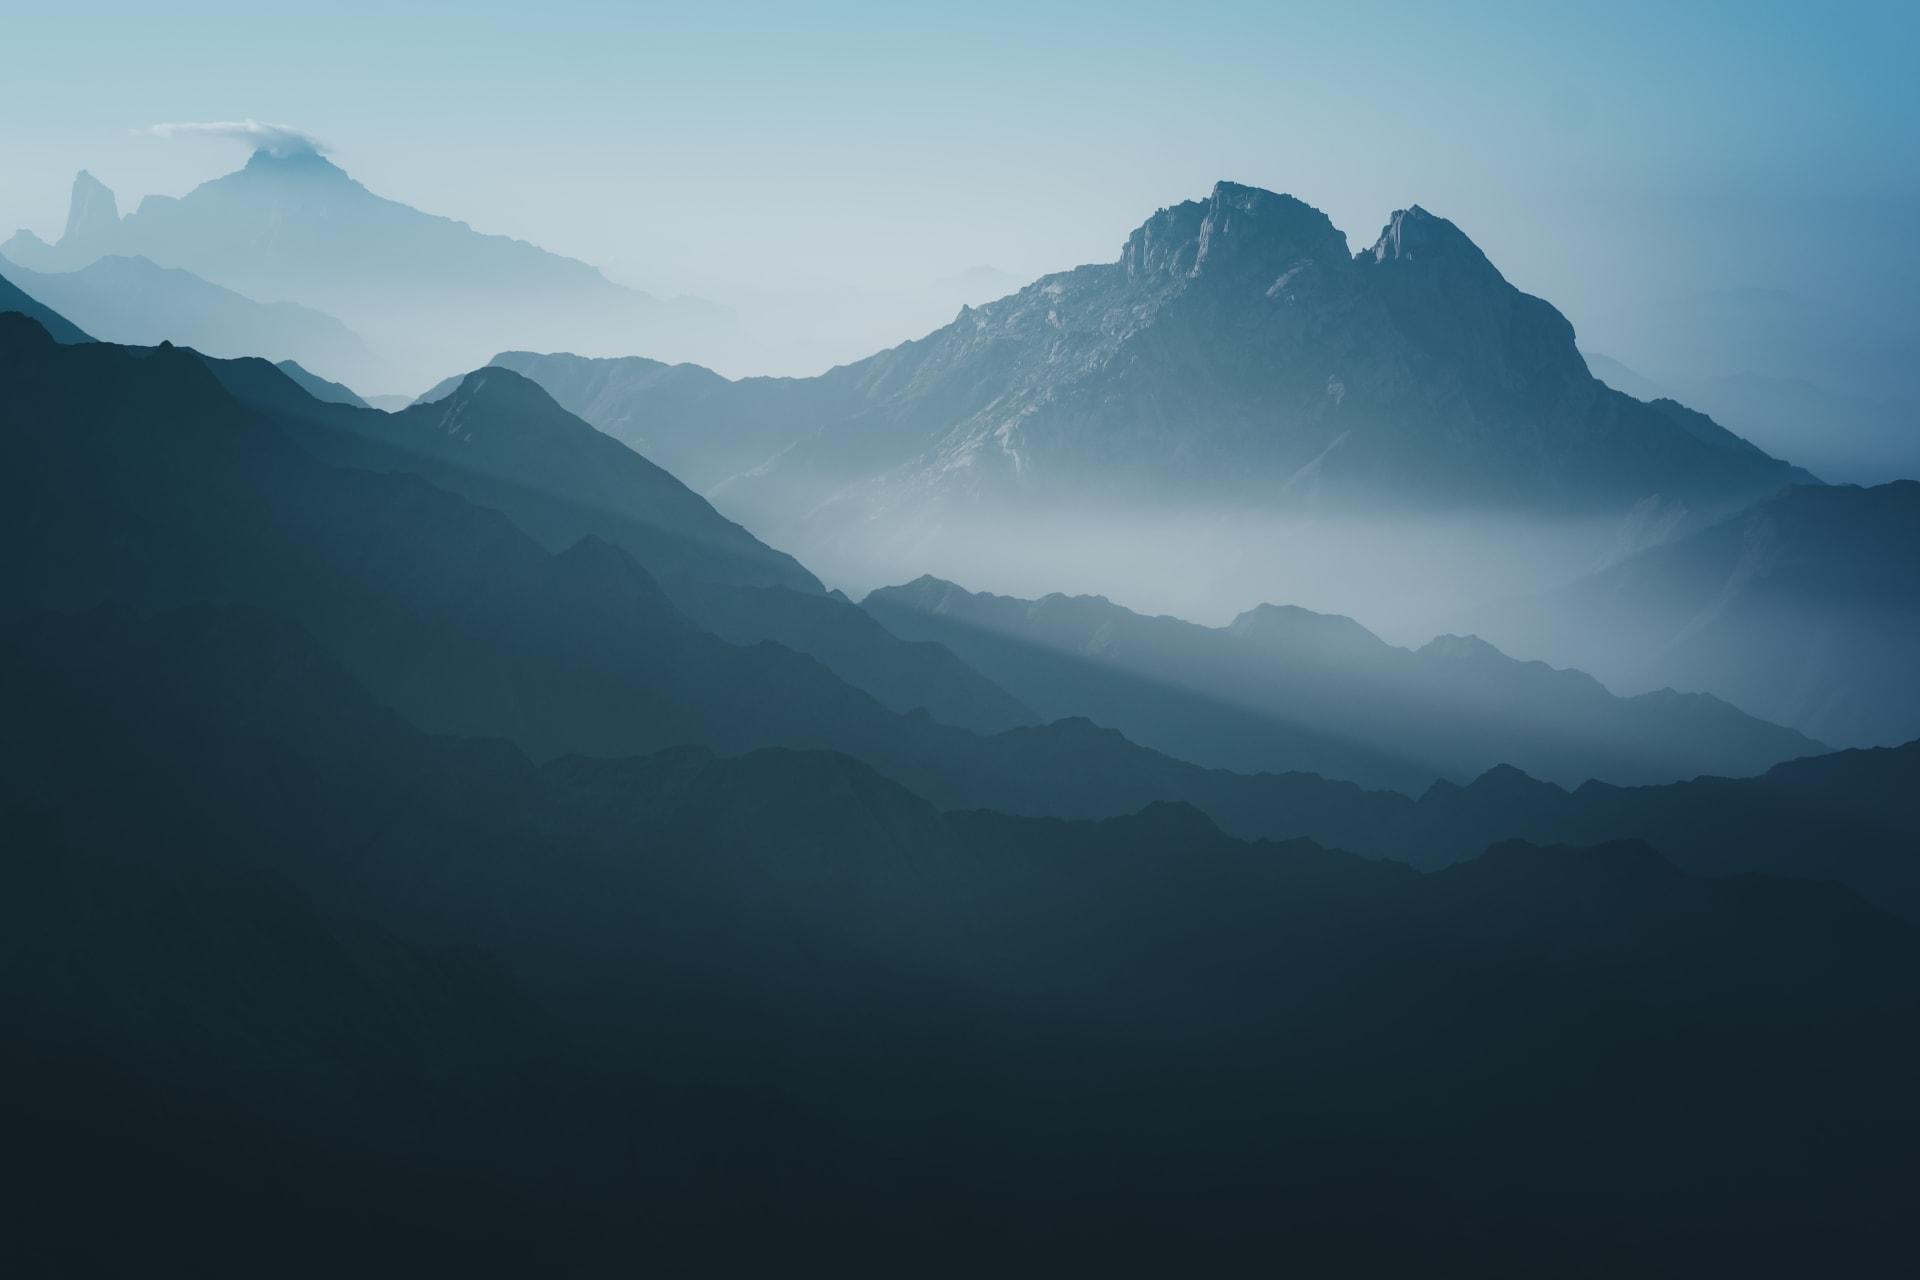 """مشاهد تبين """"الإبداع"""" وسط تضاريس صعبة.. مصور يوثق طرق السعودية الجبلية من زوايا جديدة"""